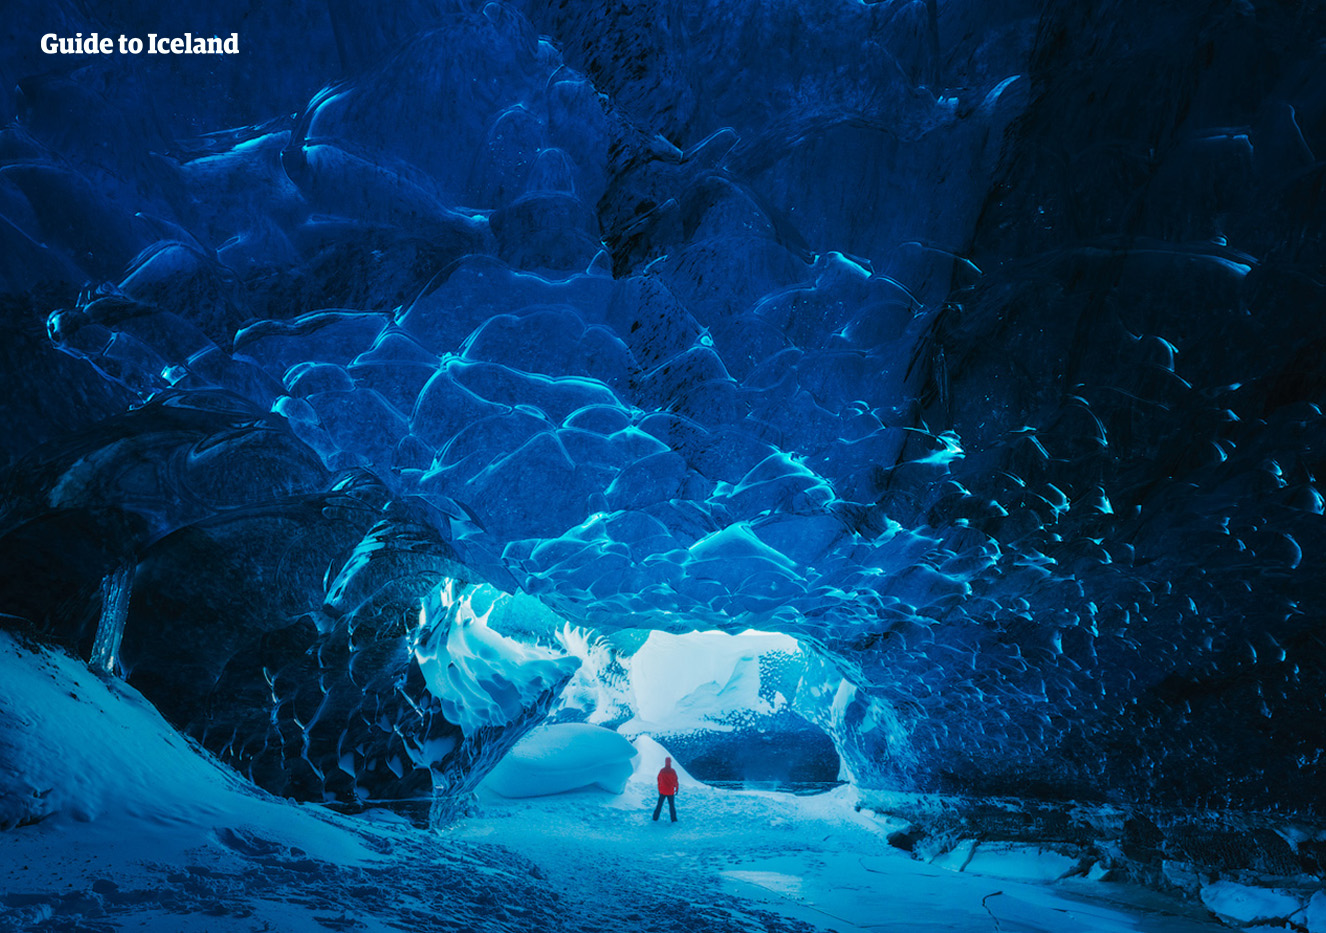 Wyprawa do jaskini lodowej na Islandii zabierze Cię do świata ukrytego pod największą w Europie pokrywą lodową.